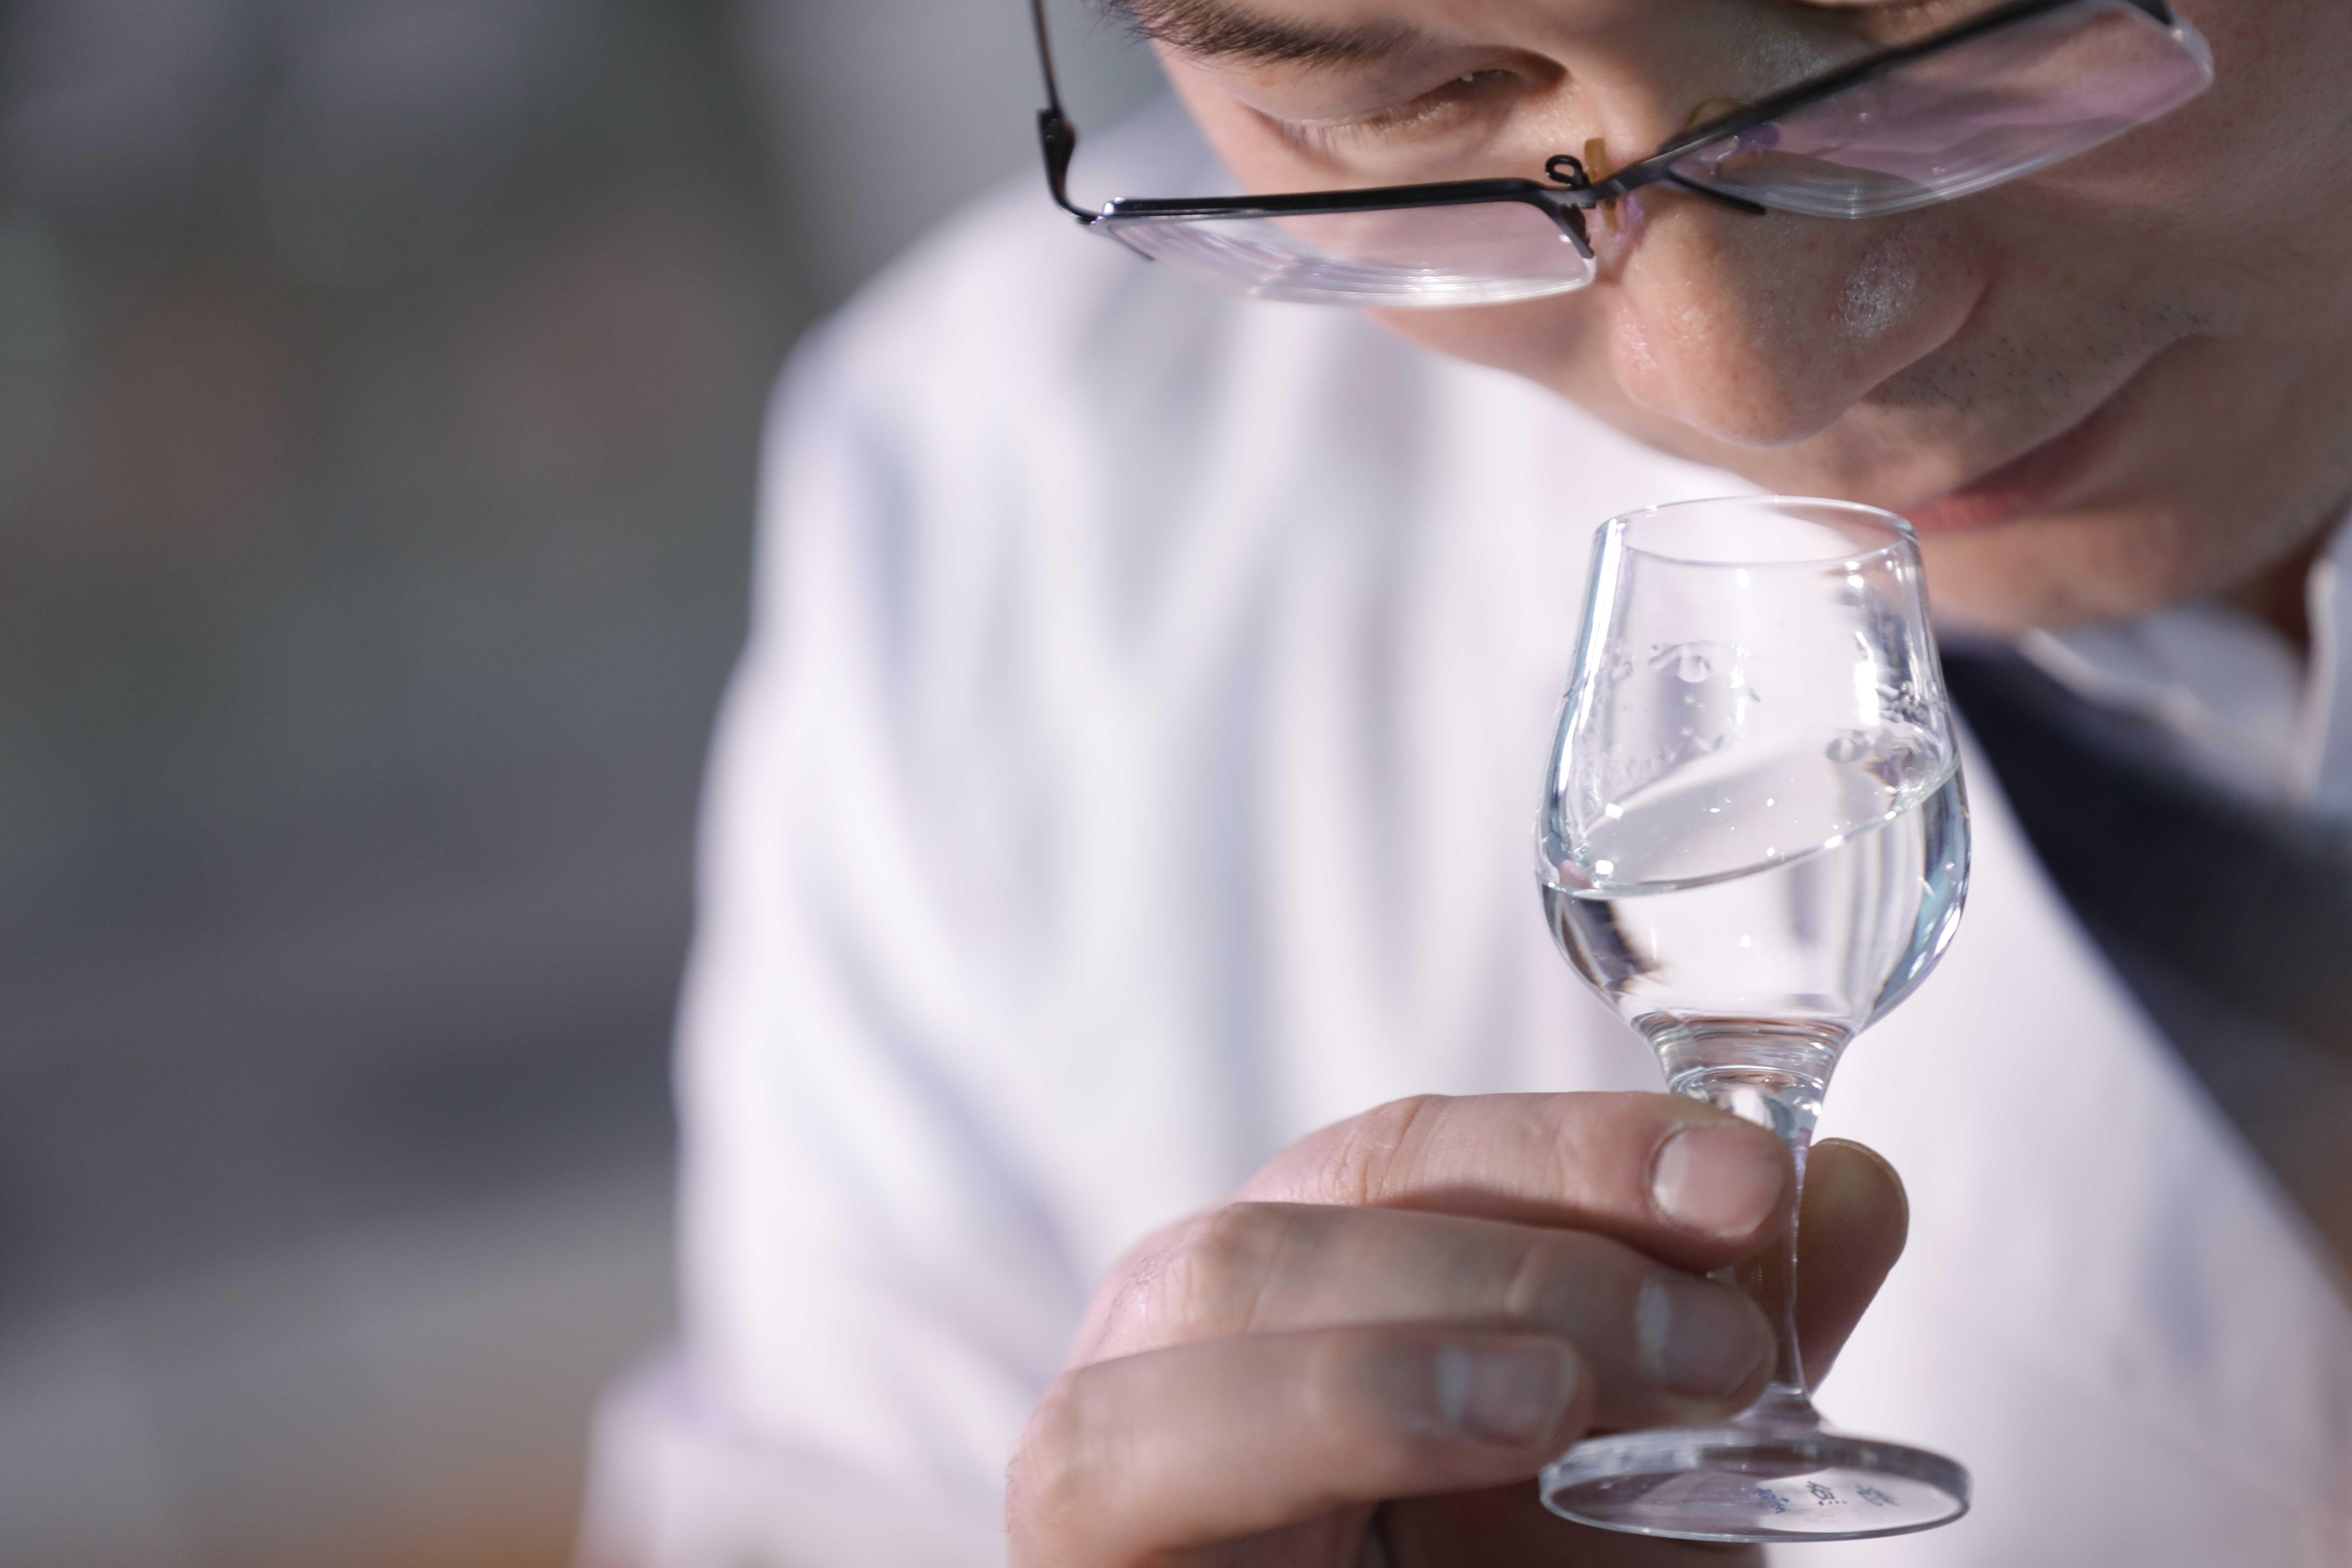 金秋碩果,釣魚臺酒業貴州省級白酒評委增至5位!